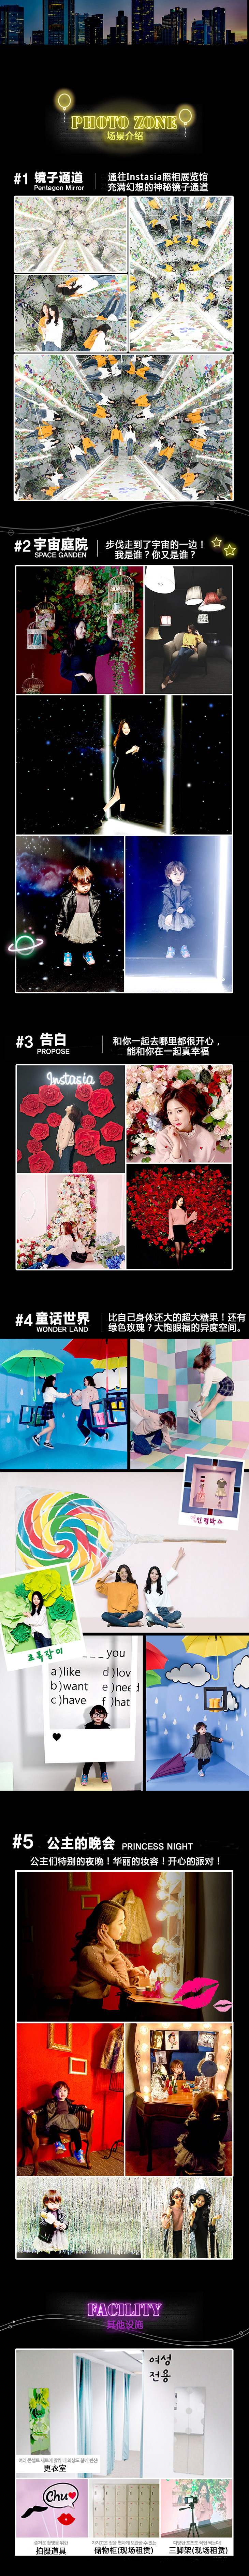 zhong22.jpg